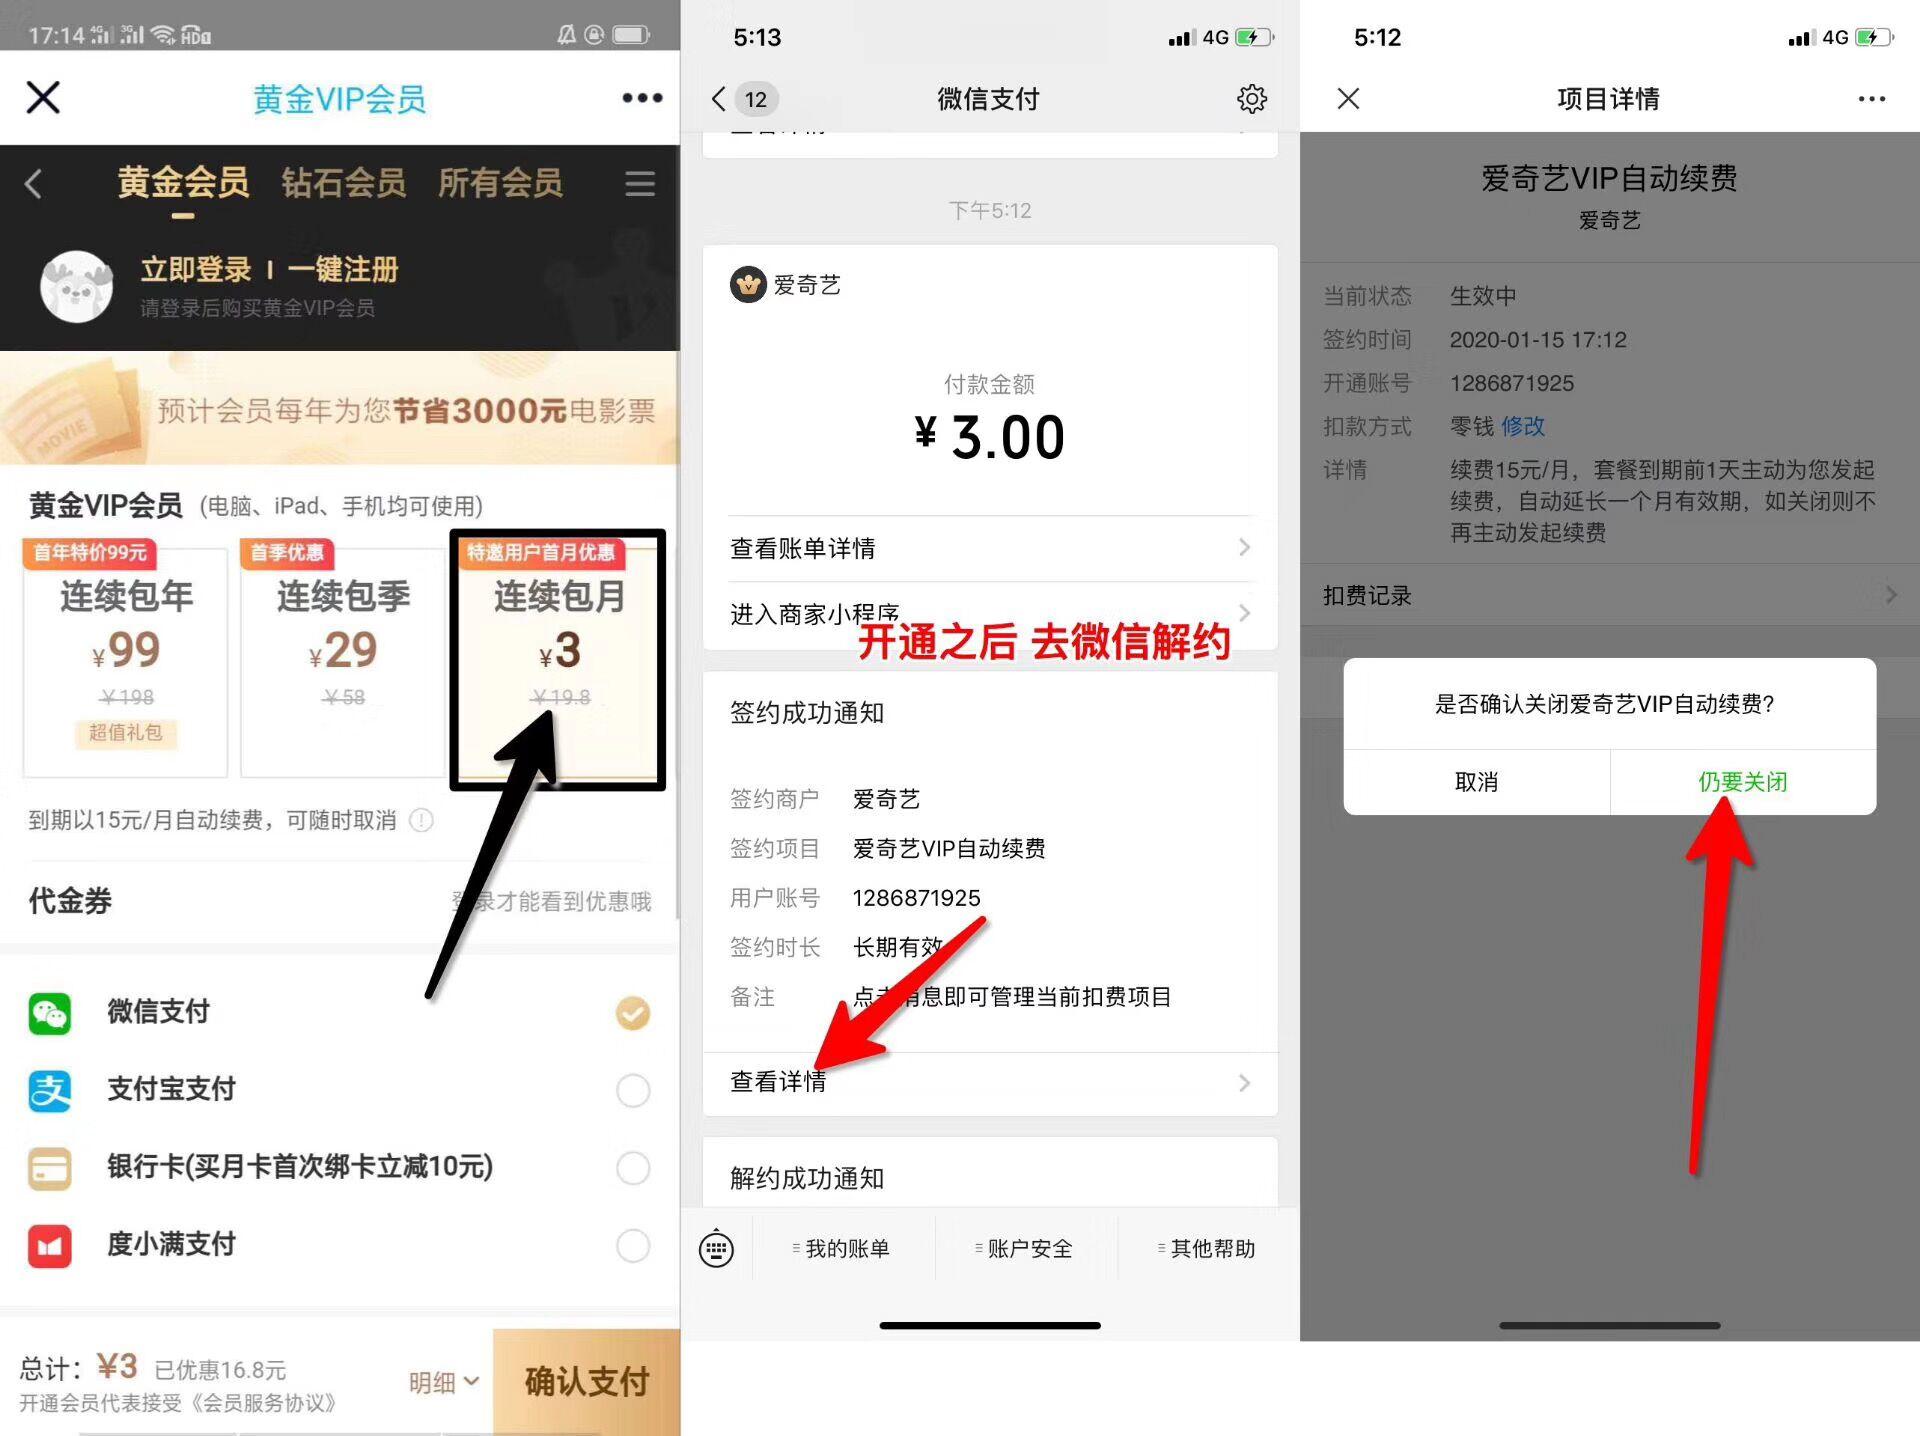 特邀用户1元开1月爱奇艺vip